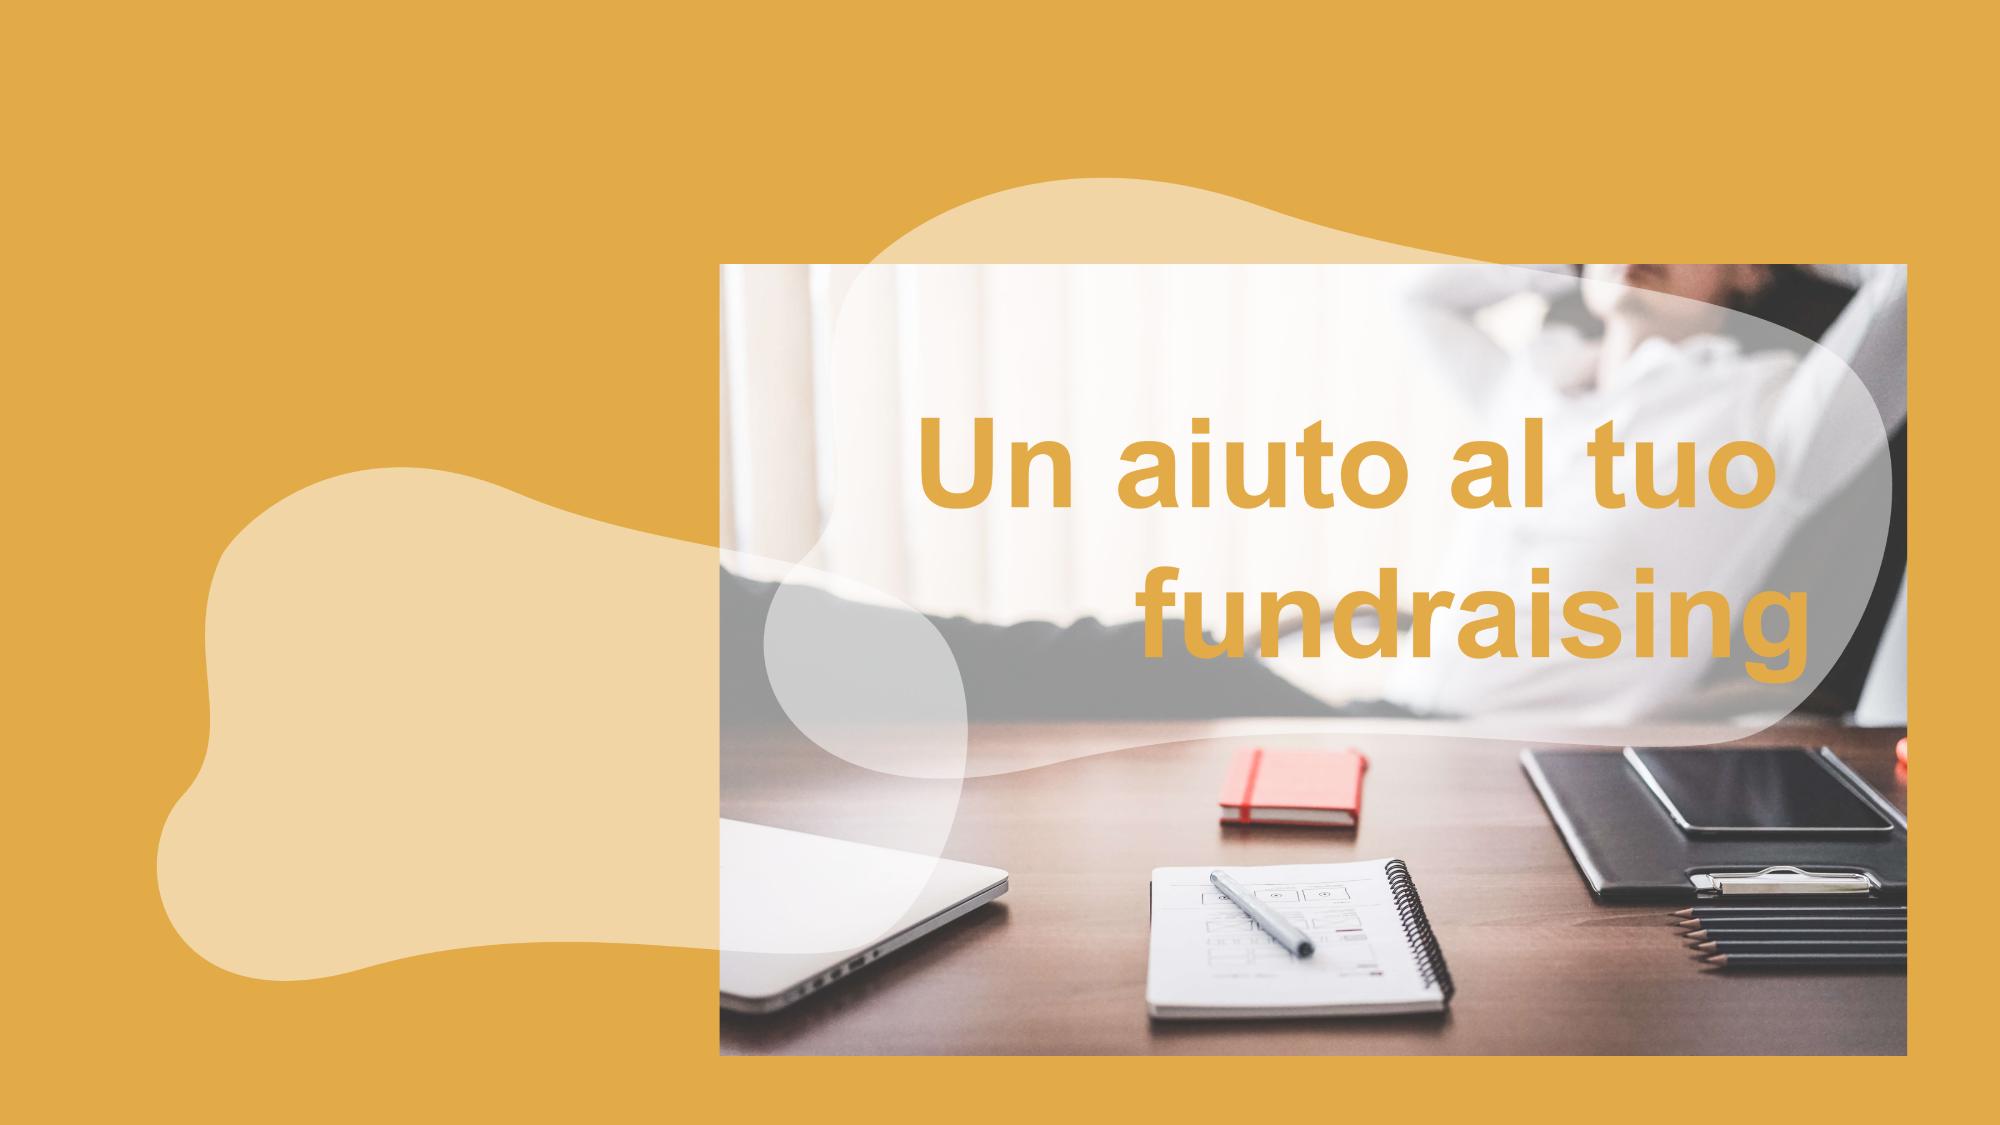 Un aiuto al tuo fundraising